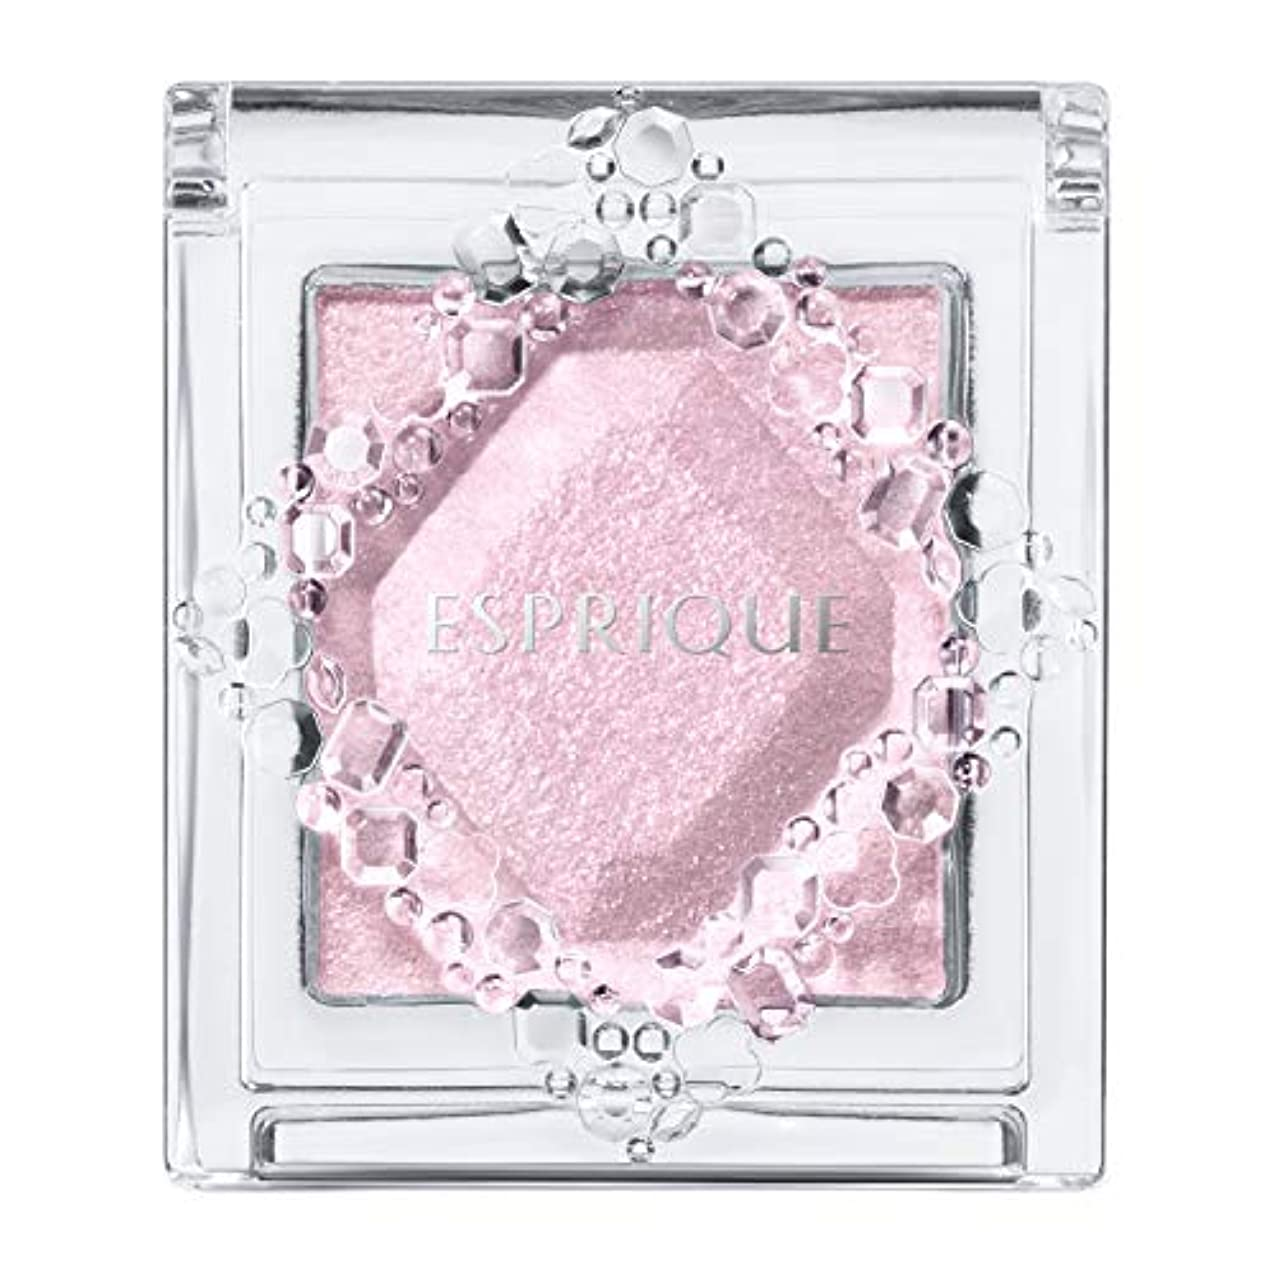 冷ややかなまたはどちらかヒューズエスプリーク セレクト アイカラー PK807 ピンク系 1.5g